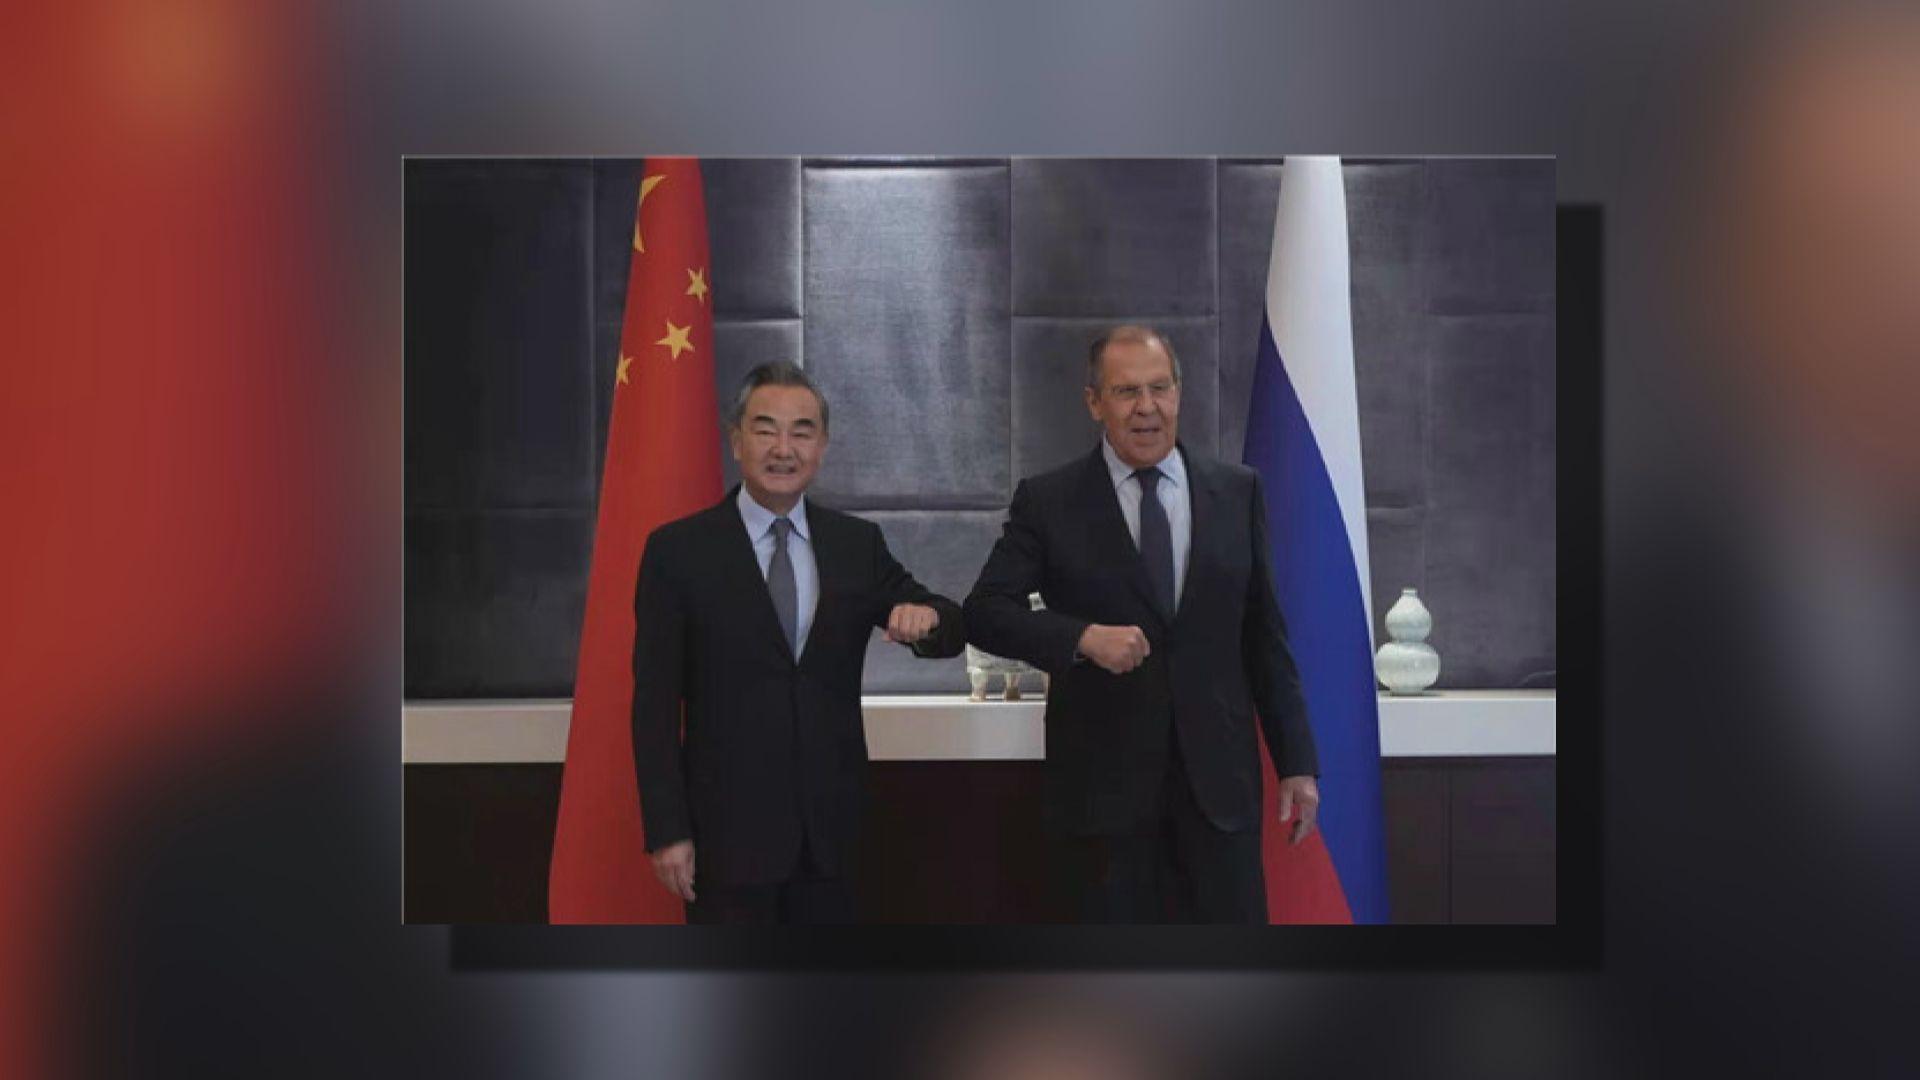 王毅晤俄外長冀與俄方在阿富汗問題上加強協調